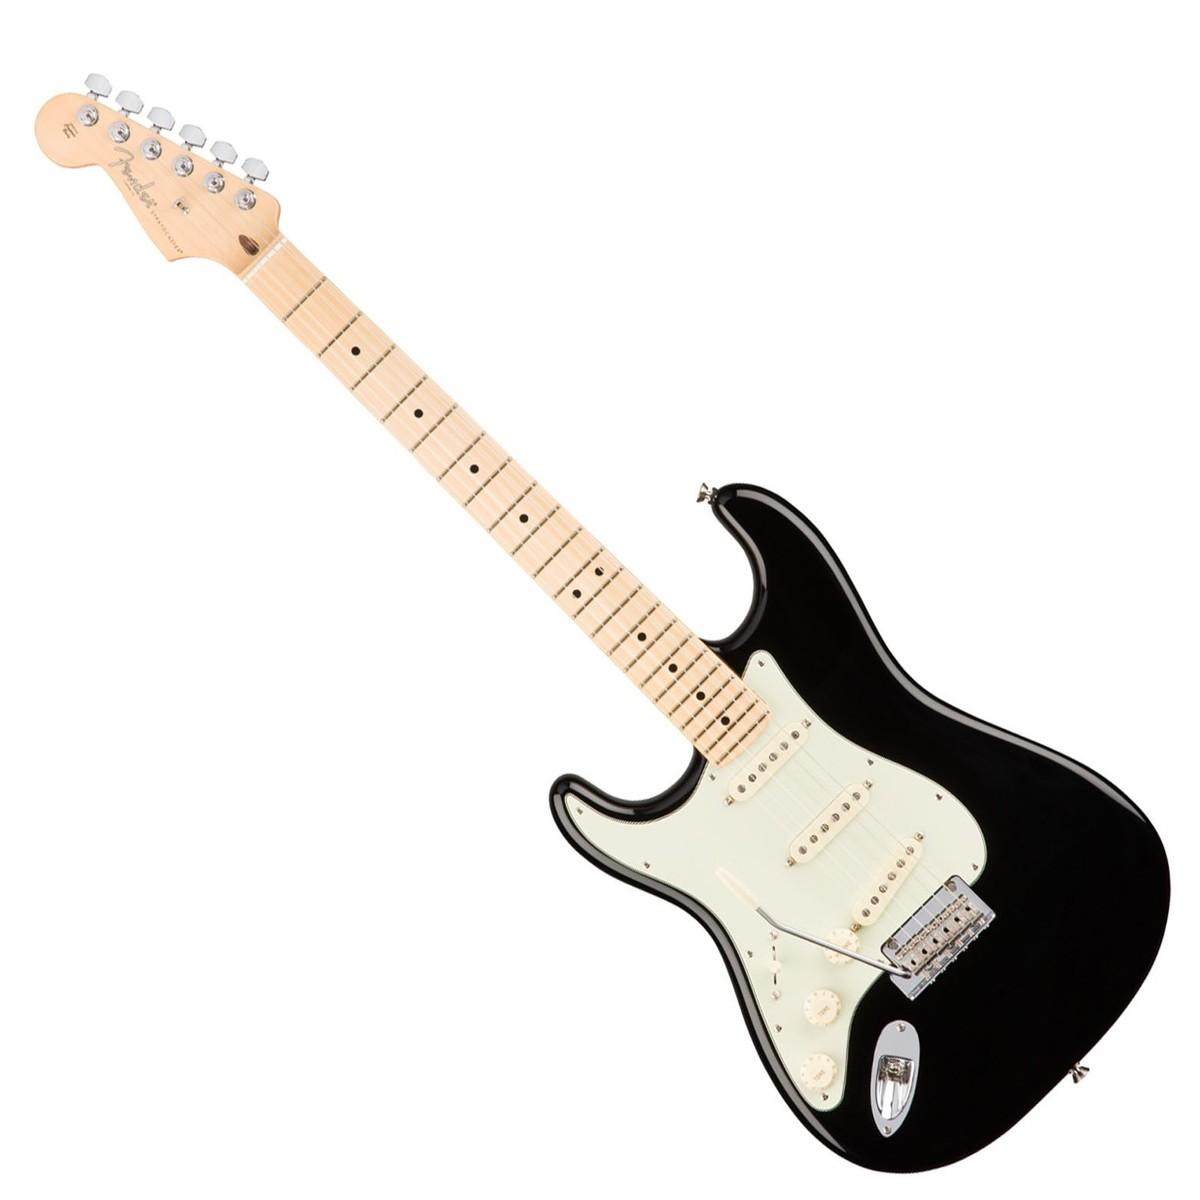 fender american pro stratocaster left handed mn black at gear4music. Black Bedroom Furniture Sets. Home Design Ideas